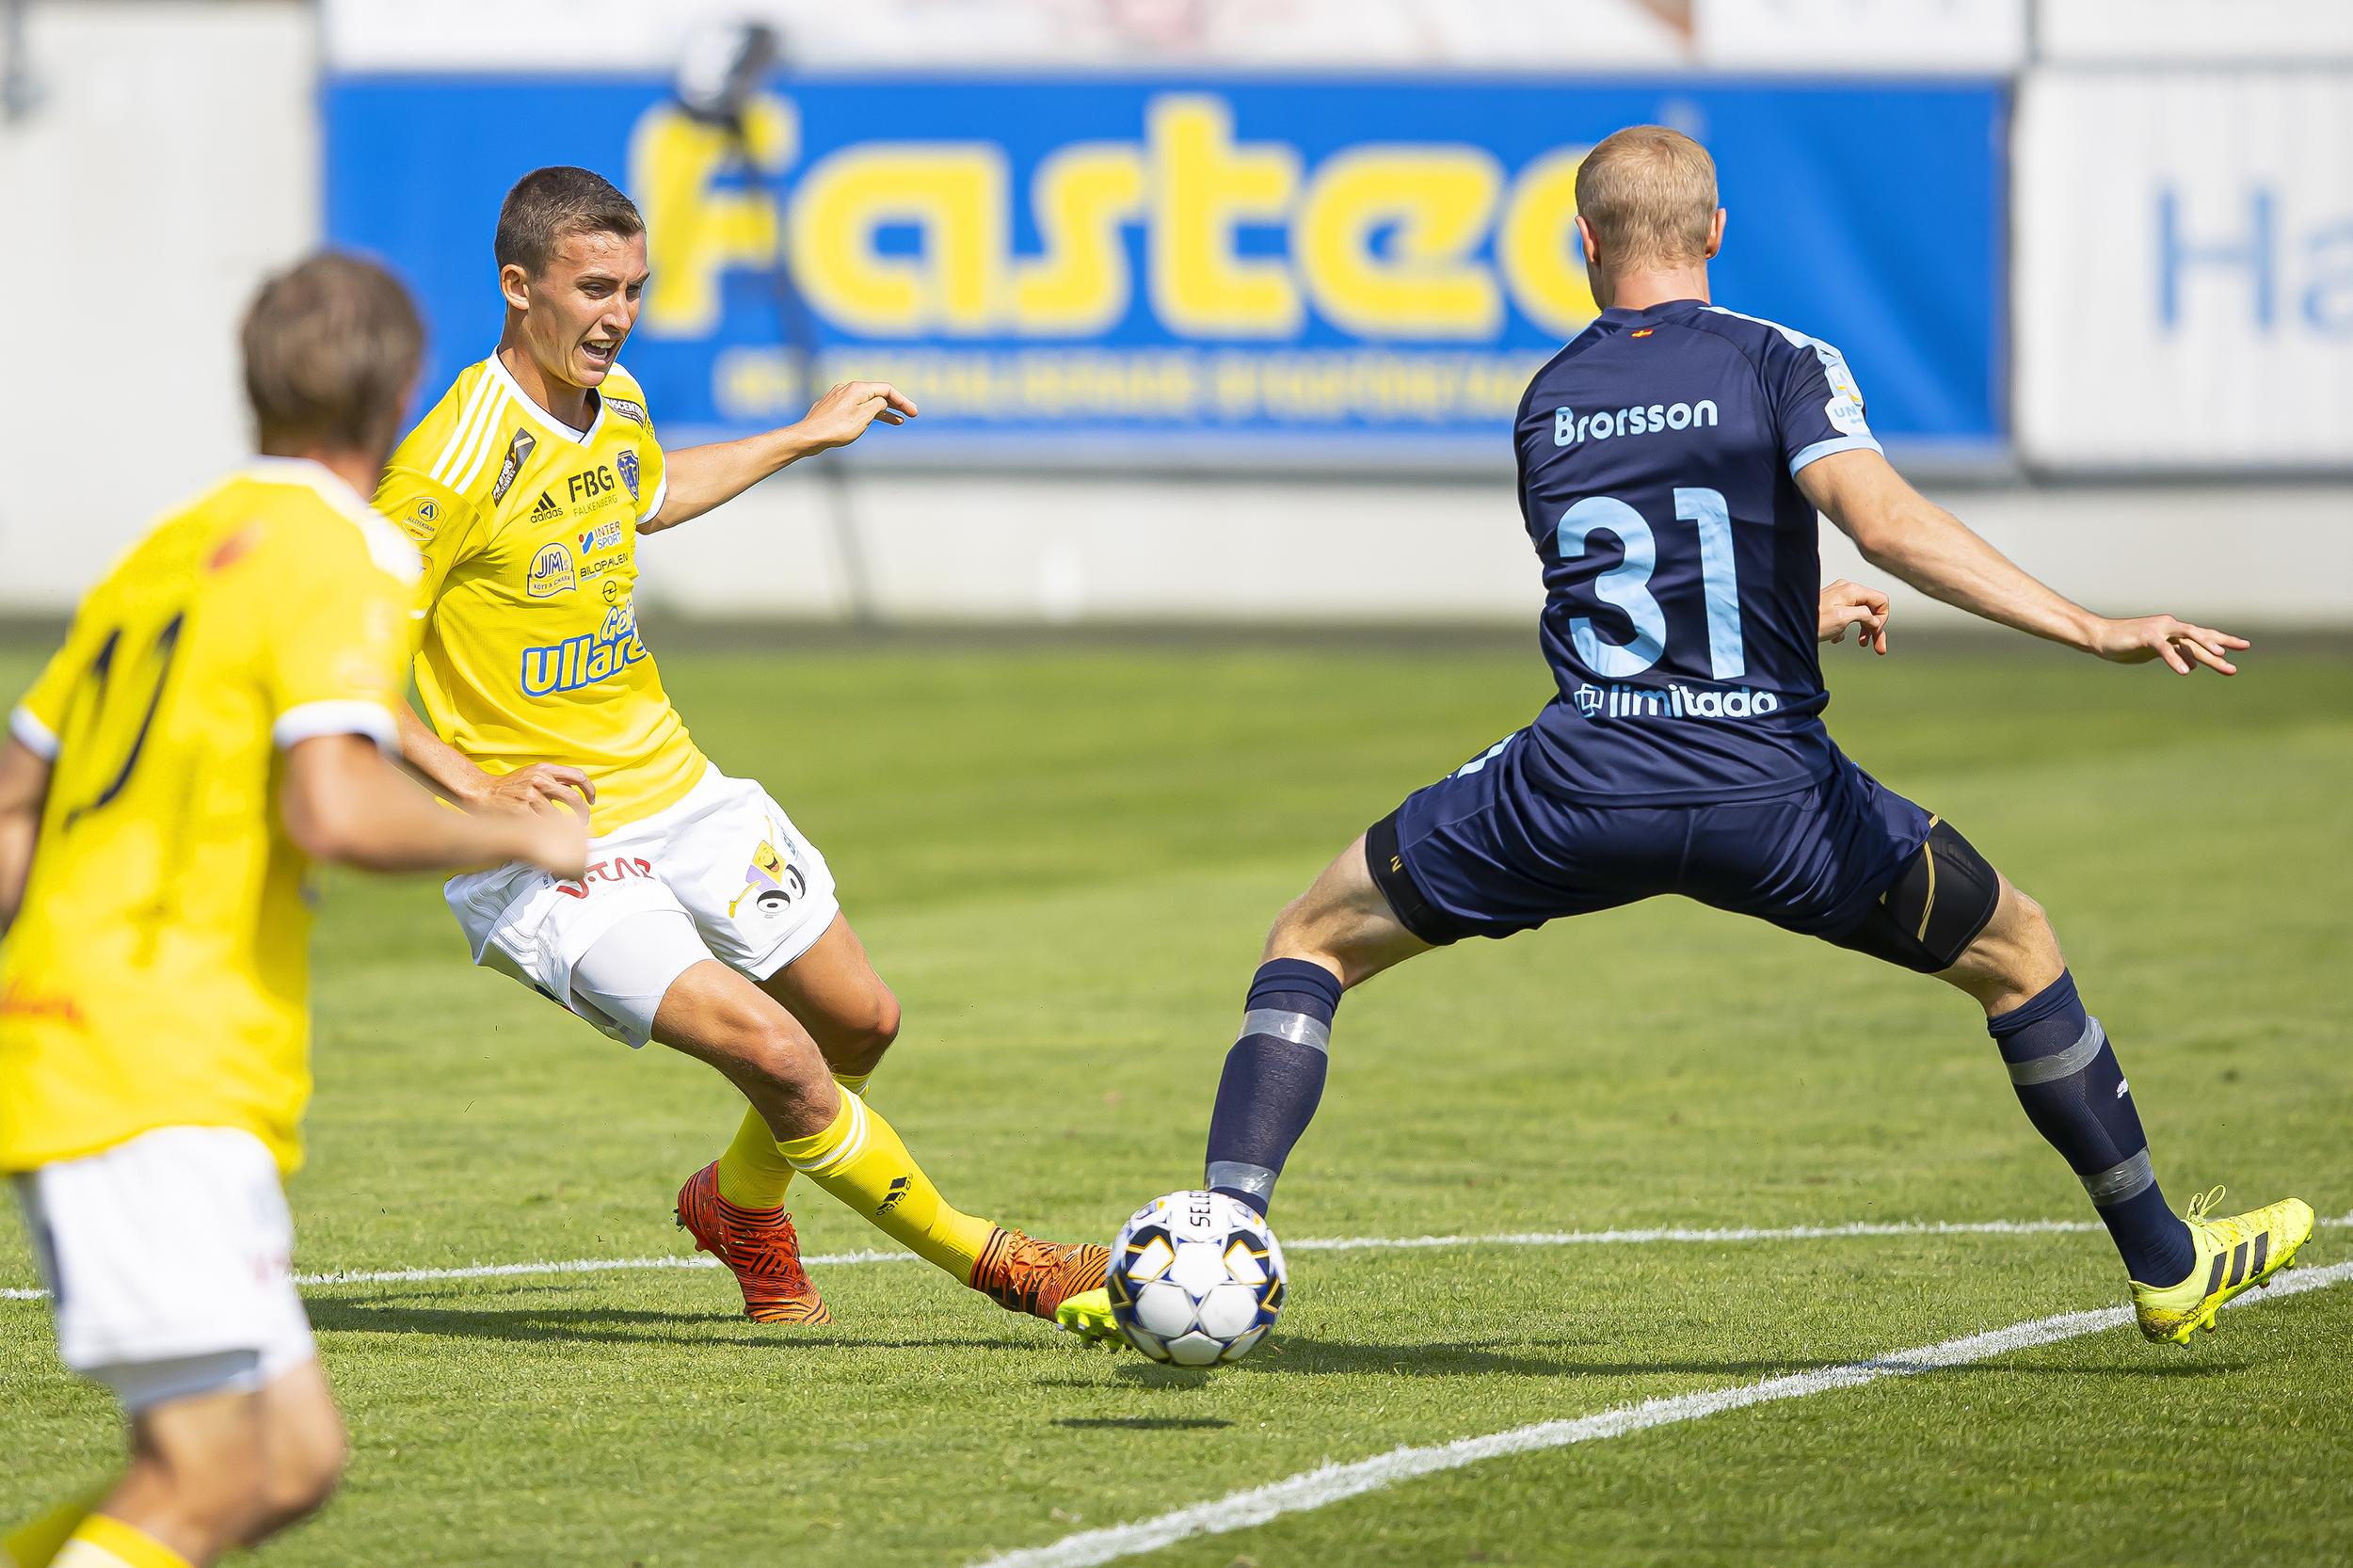 """FFF-duo uttagen till U21-landskamper: """"Riktigt skoj"""""""